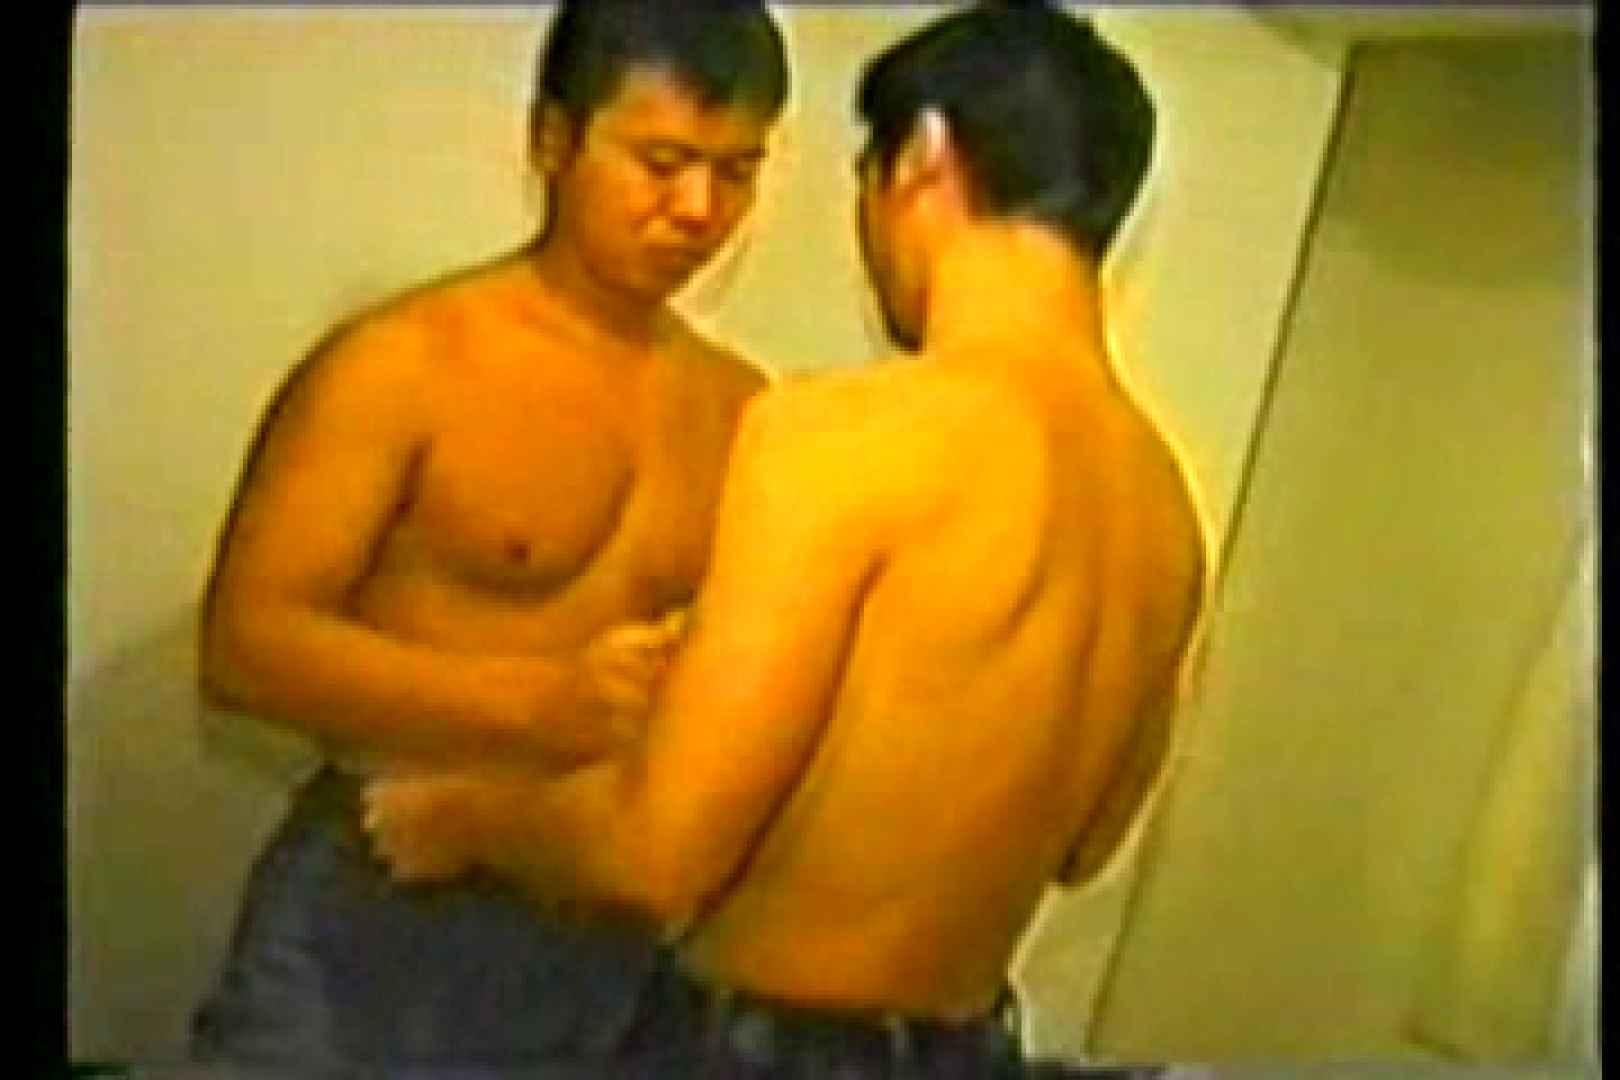 『ノンケ・スポーツマンシップとは・・・! ! 』 第10戦 体育会系  93画像 14